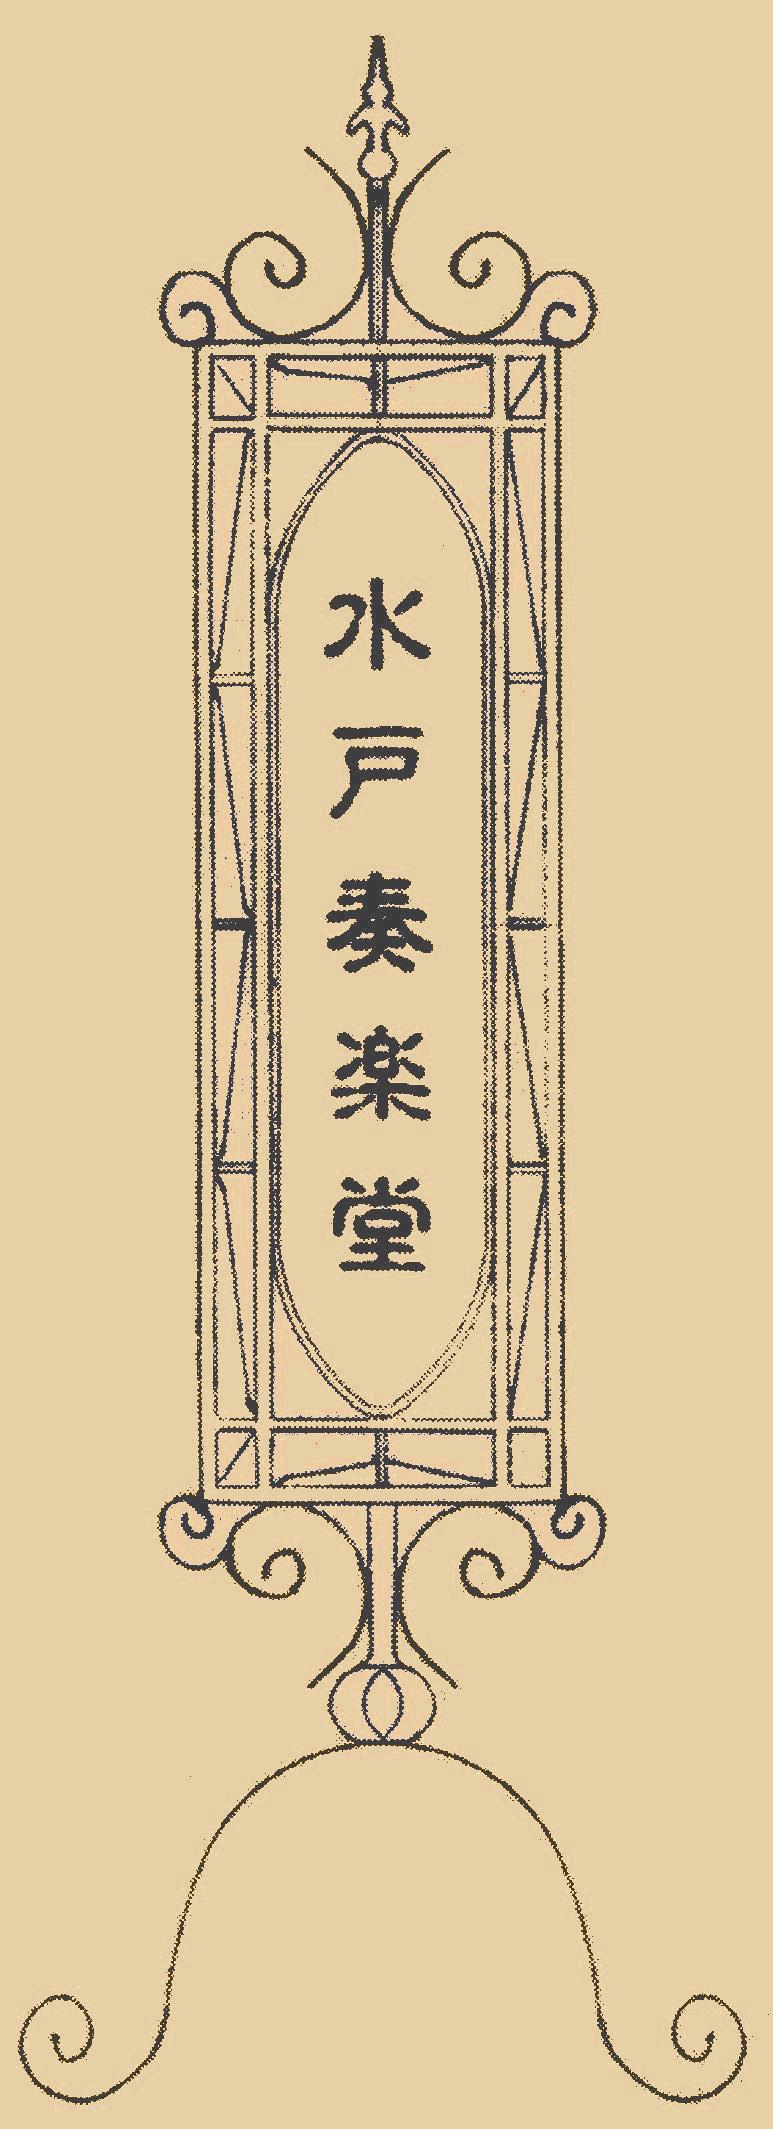 Gatesign1.jpg